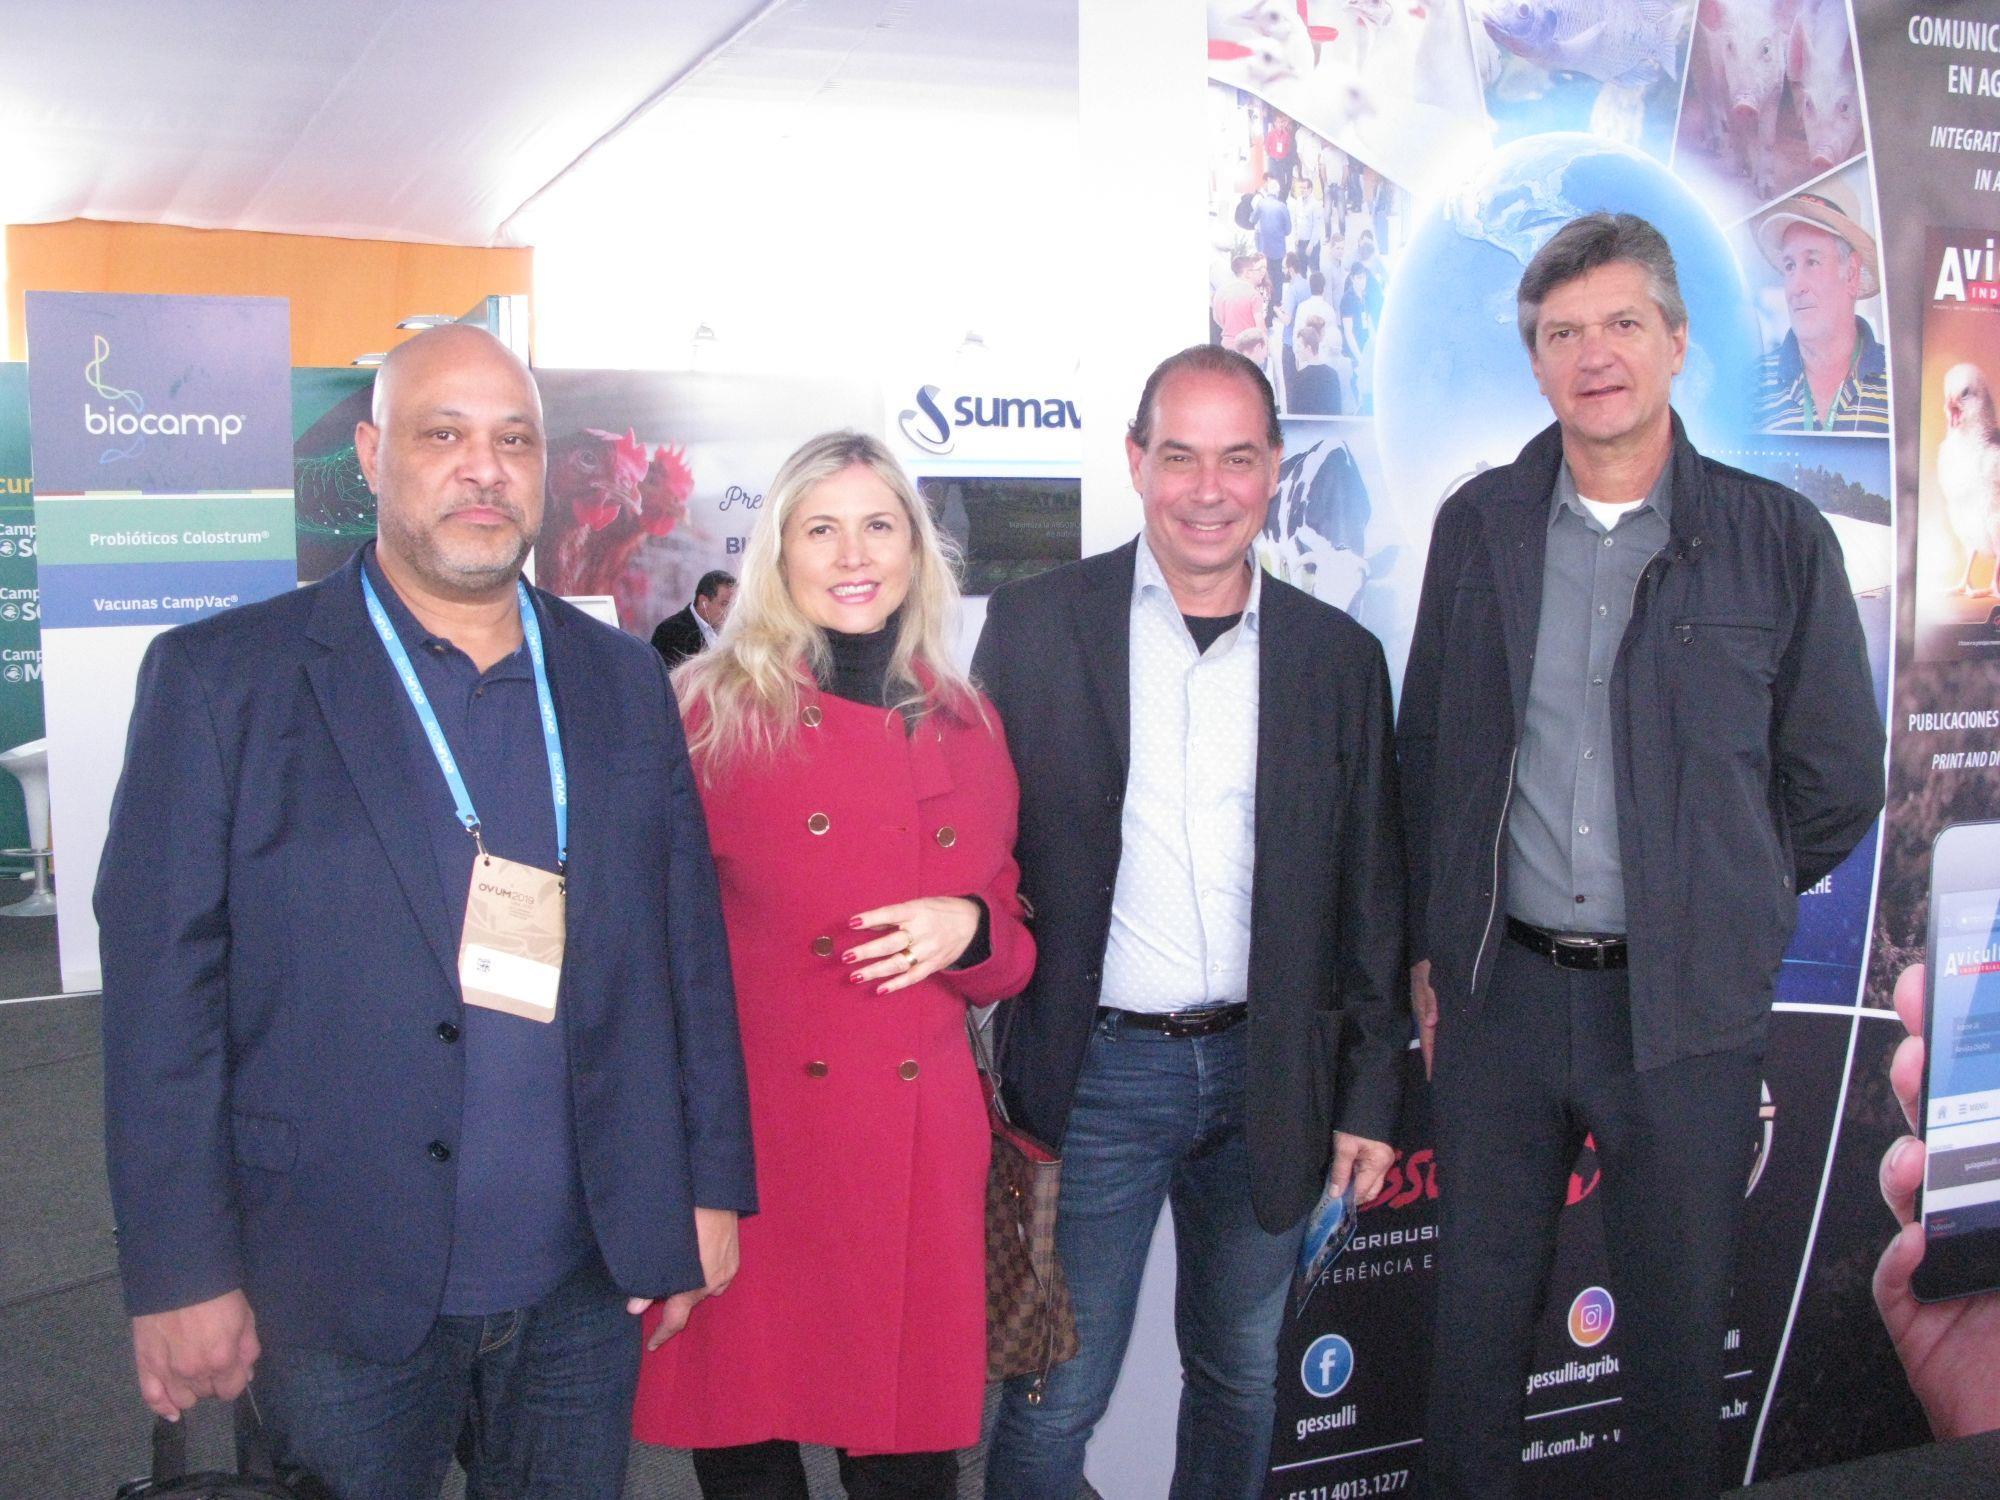 Líderes globais em inovação,  tecnologia e desenvolvimento sustentável se reúnem no OVUM 2019, Líderes globais em inovação,  tecnologia e desenvolvimento sustentável se reúnem no OVUM 2019